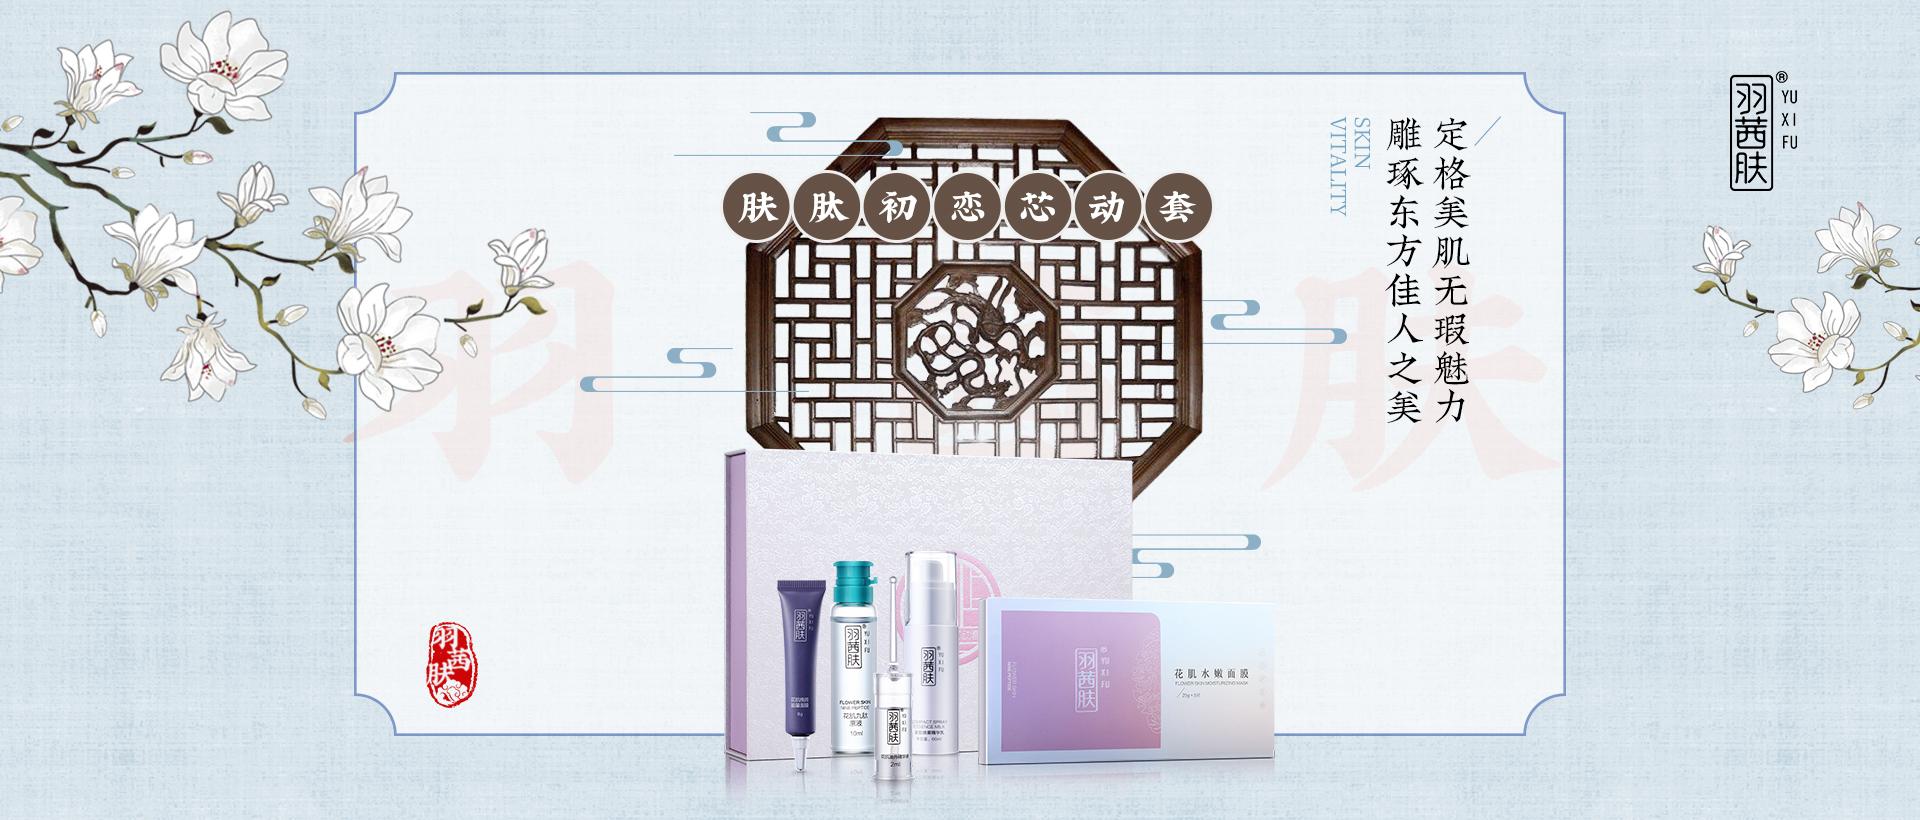 羽茜肤肤肽初恋芯动套美容产品护肤加盟项目图片一